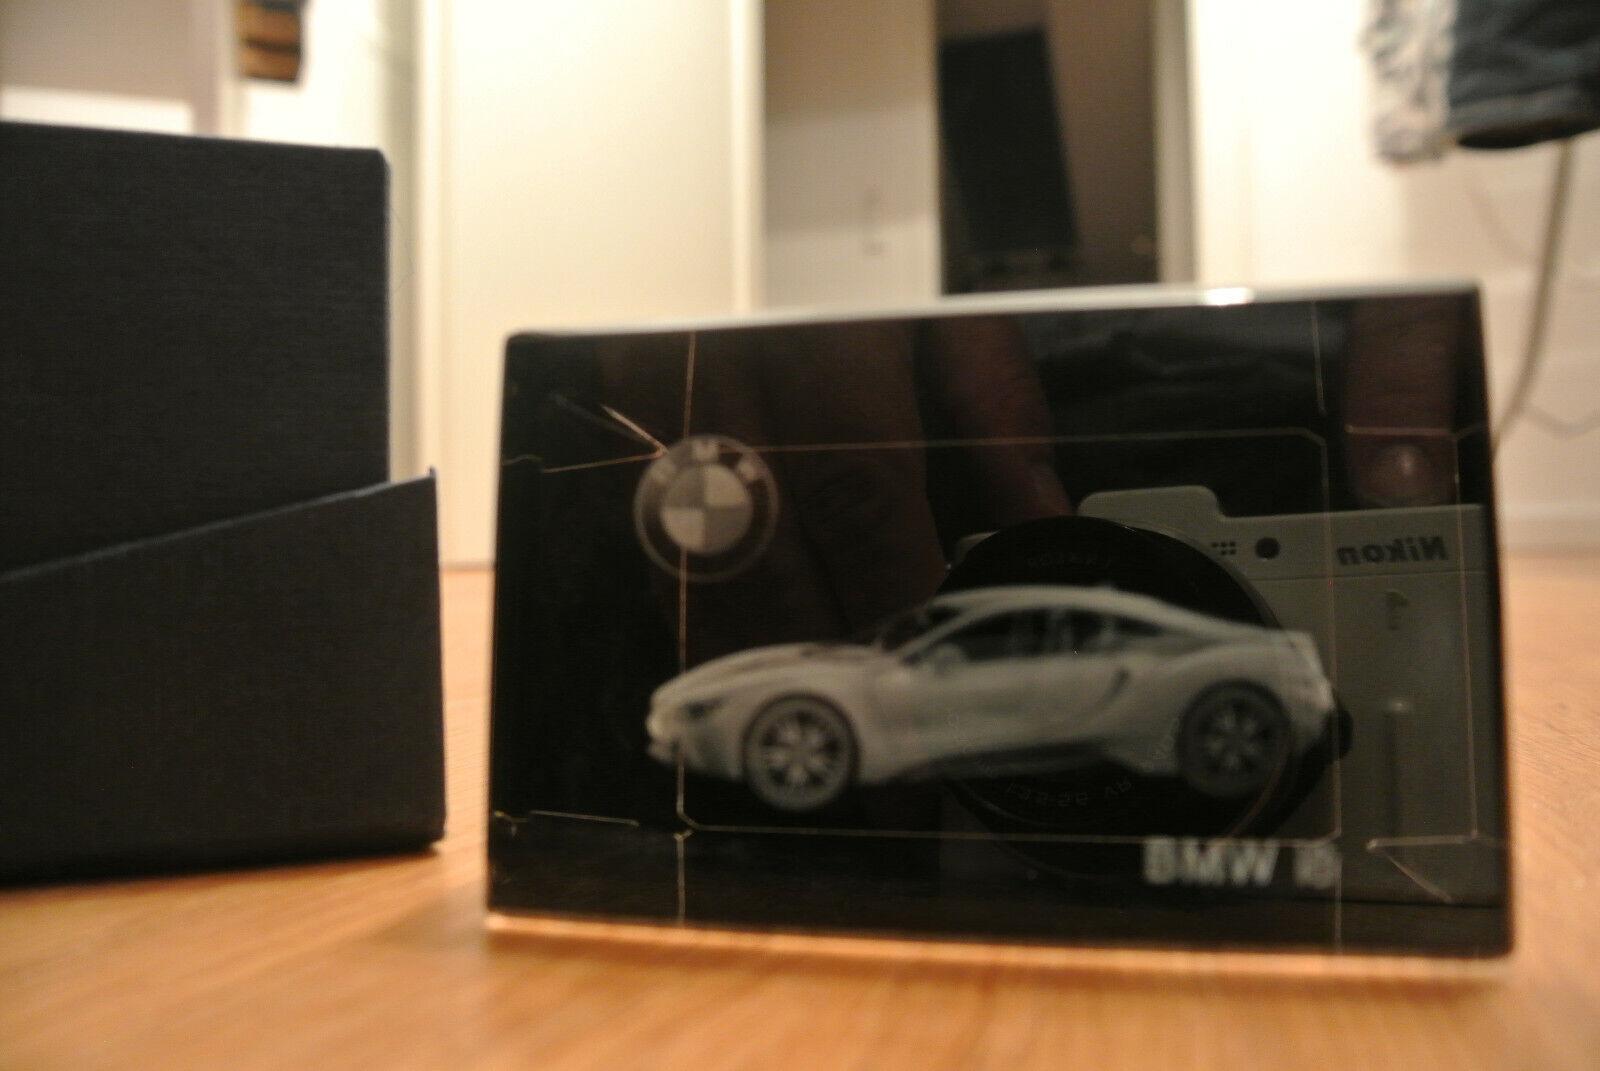 Fantastico bel BMW i8 vetro modello, modello pubblicitari 8x5x5cm bbcrystal